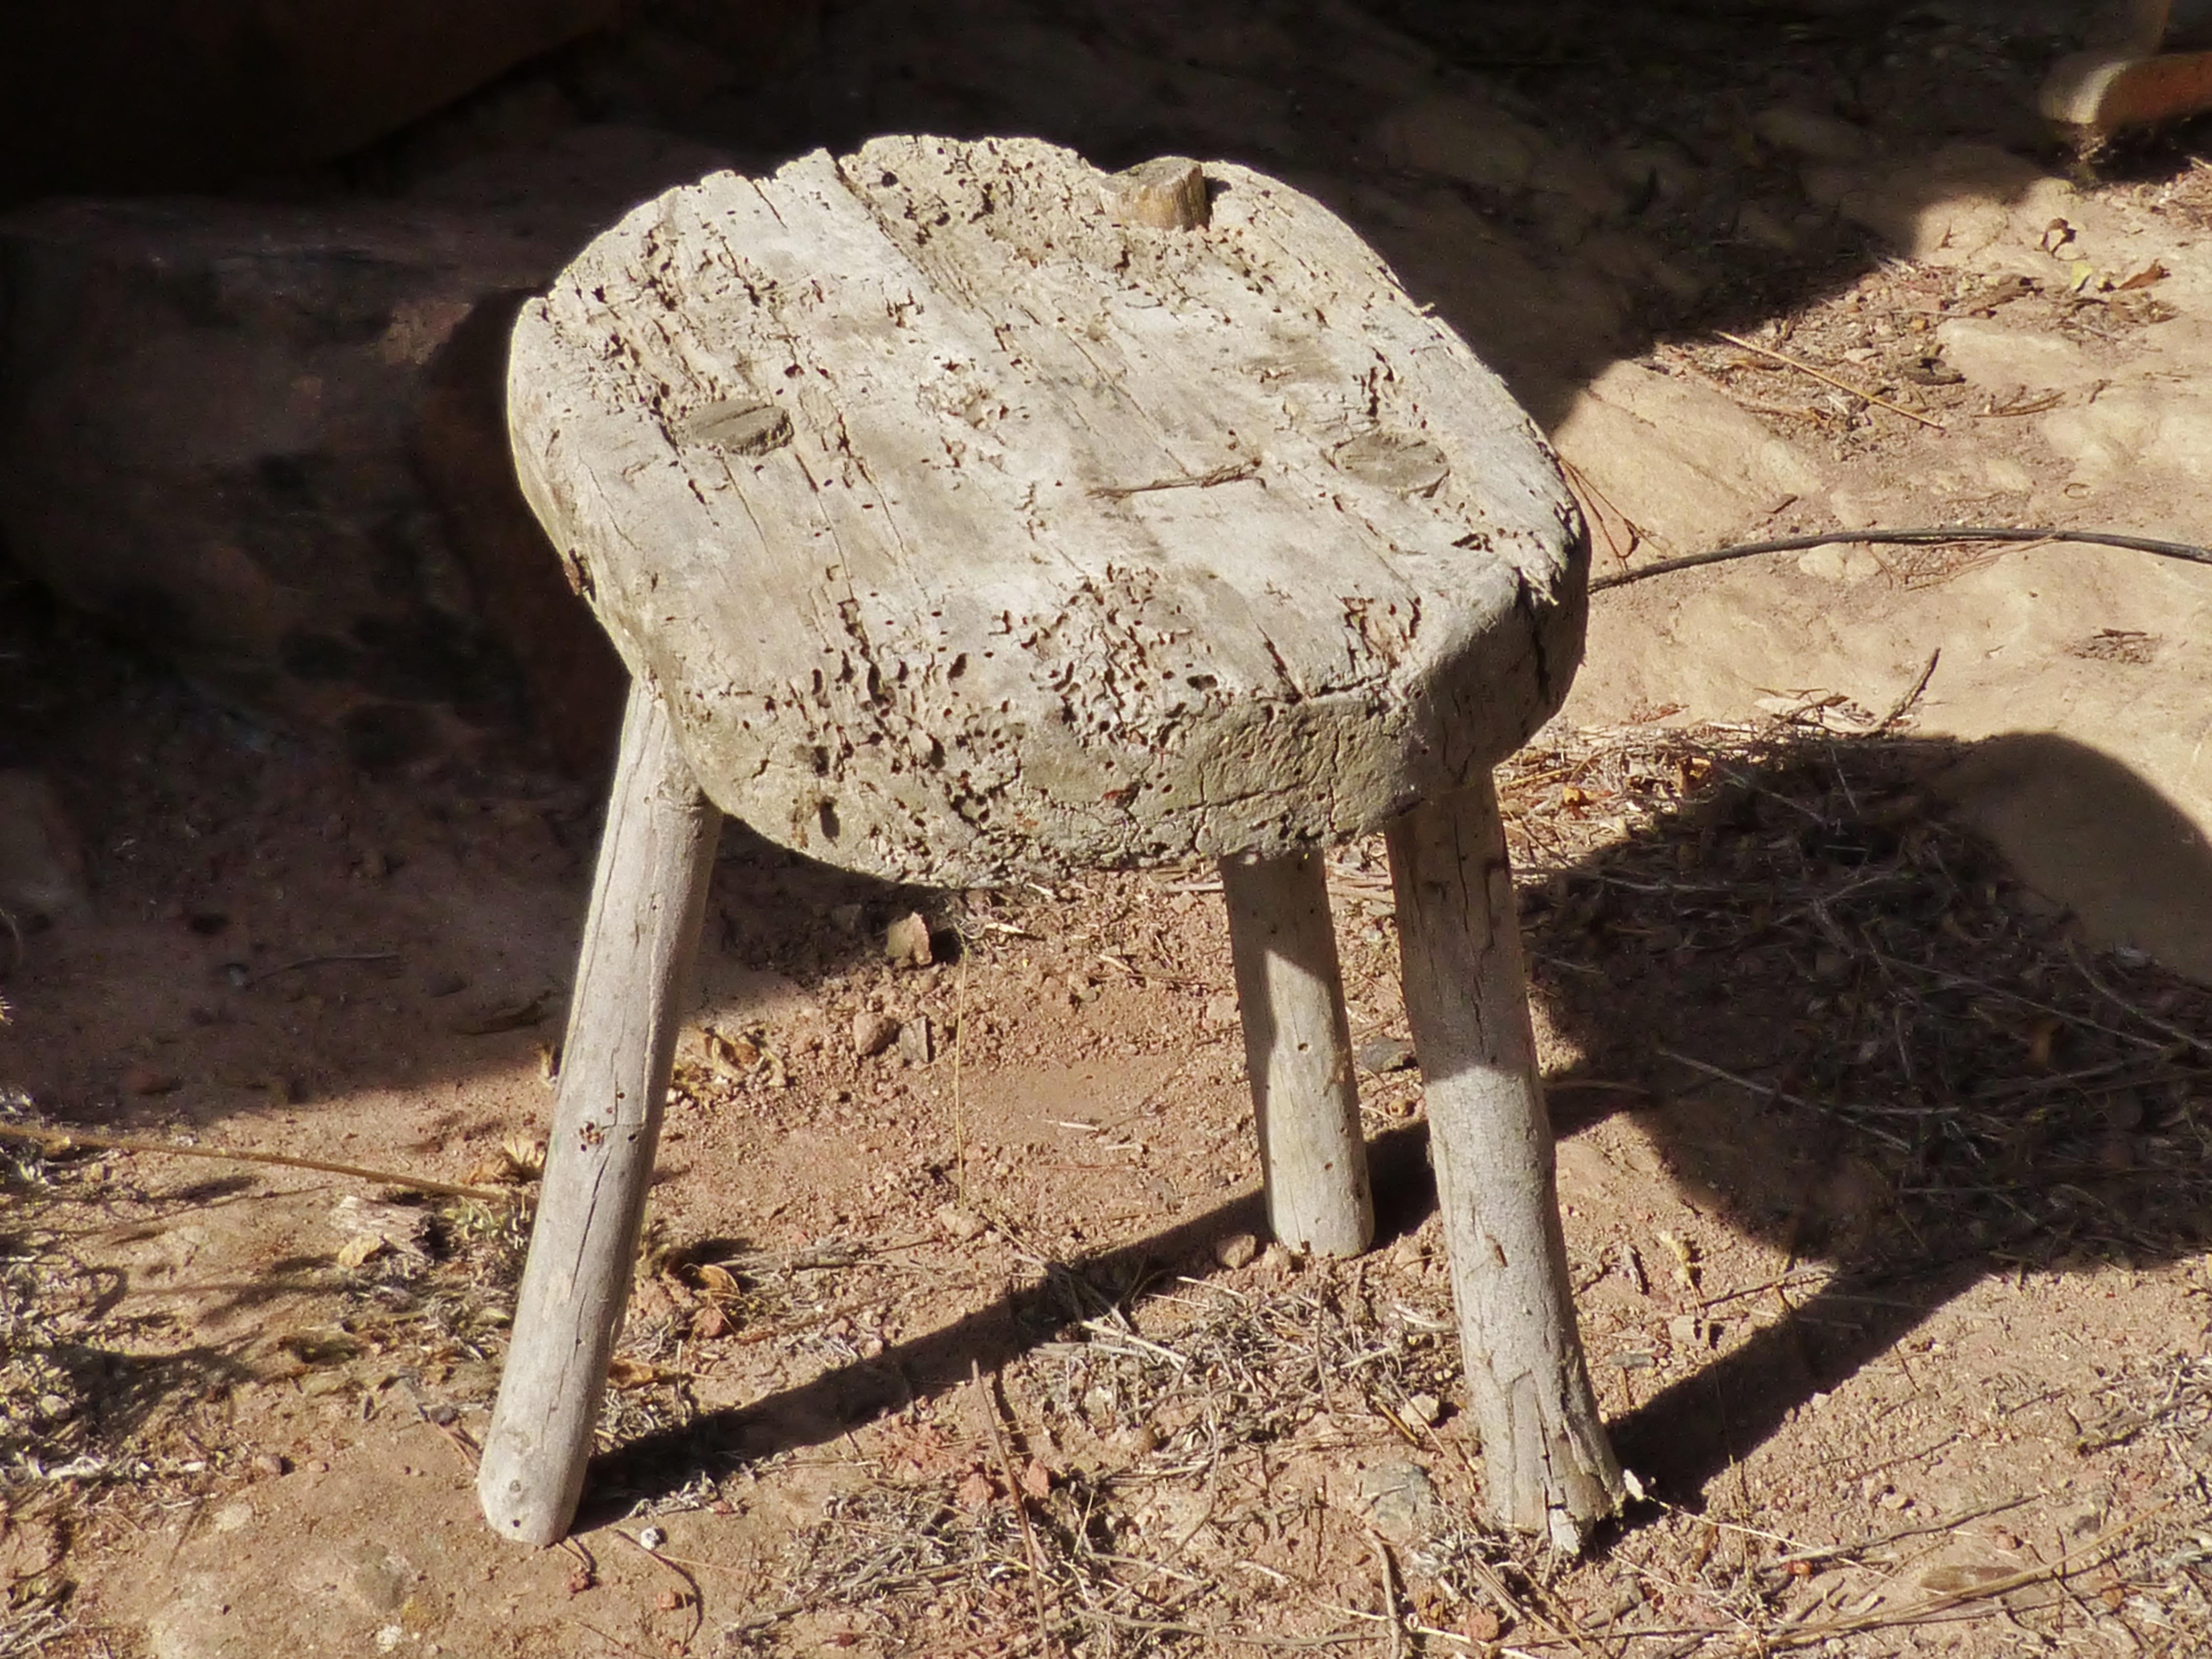 Kostenlose foto : Holz, Schemel, alt, rustikal, Tierwelt, Boden ...